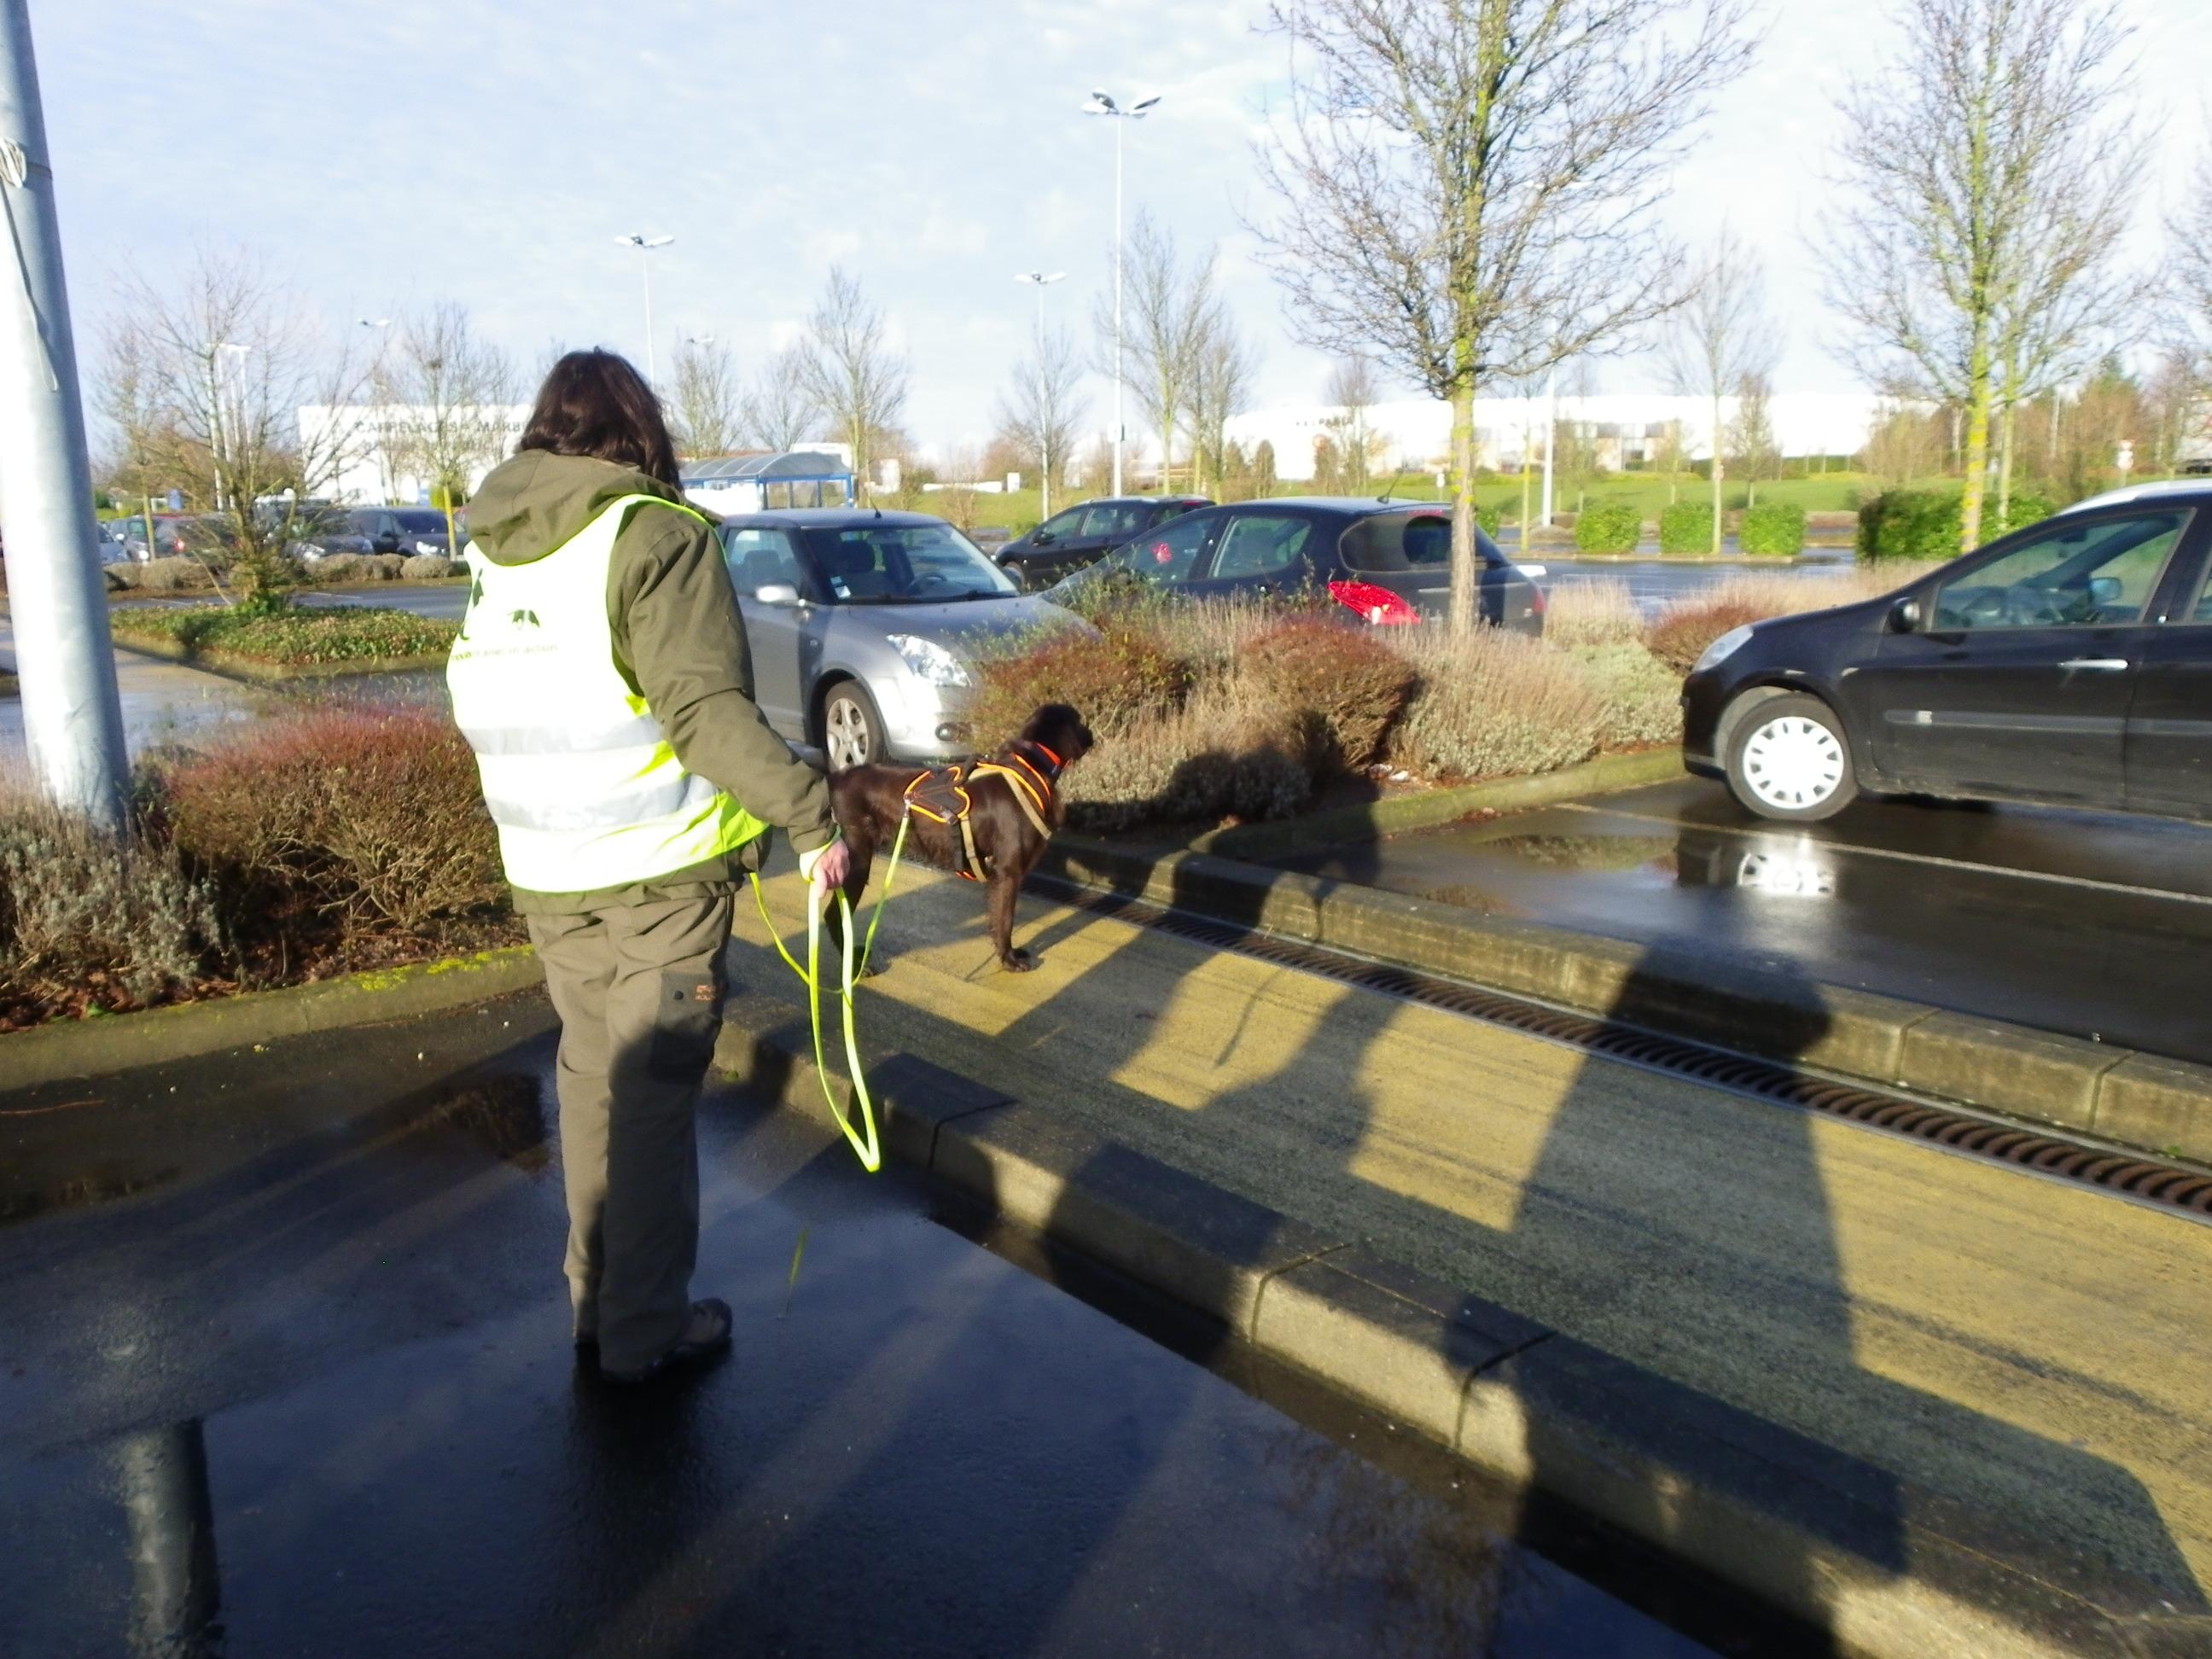 Activit s pour le chien les diff rents besoins - Jeux de chiens a s occuper ...